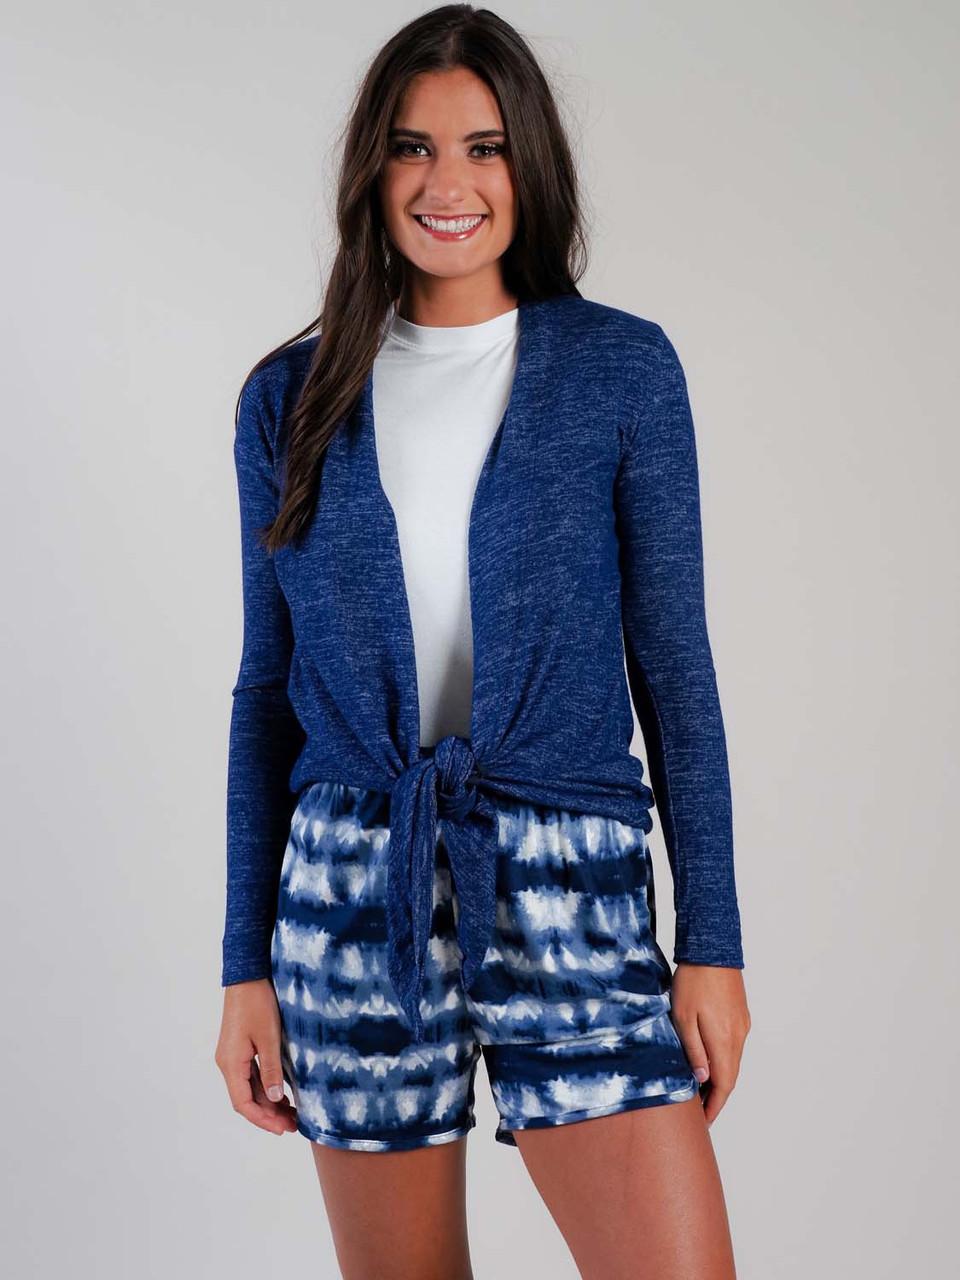 navy tie-dye lounge short pajama short